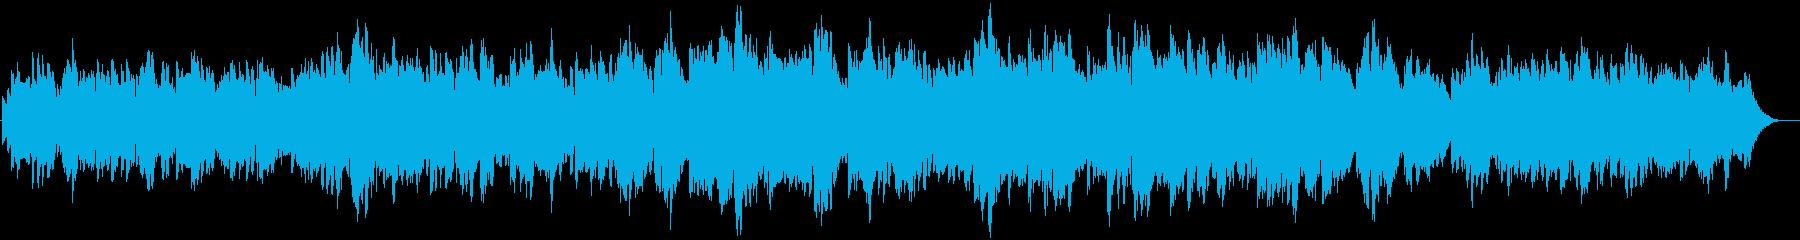 ピアノとシンセサイザーの幻想的なBGMの再生済みの波形